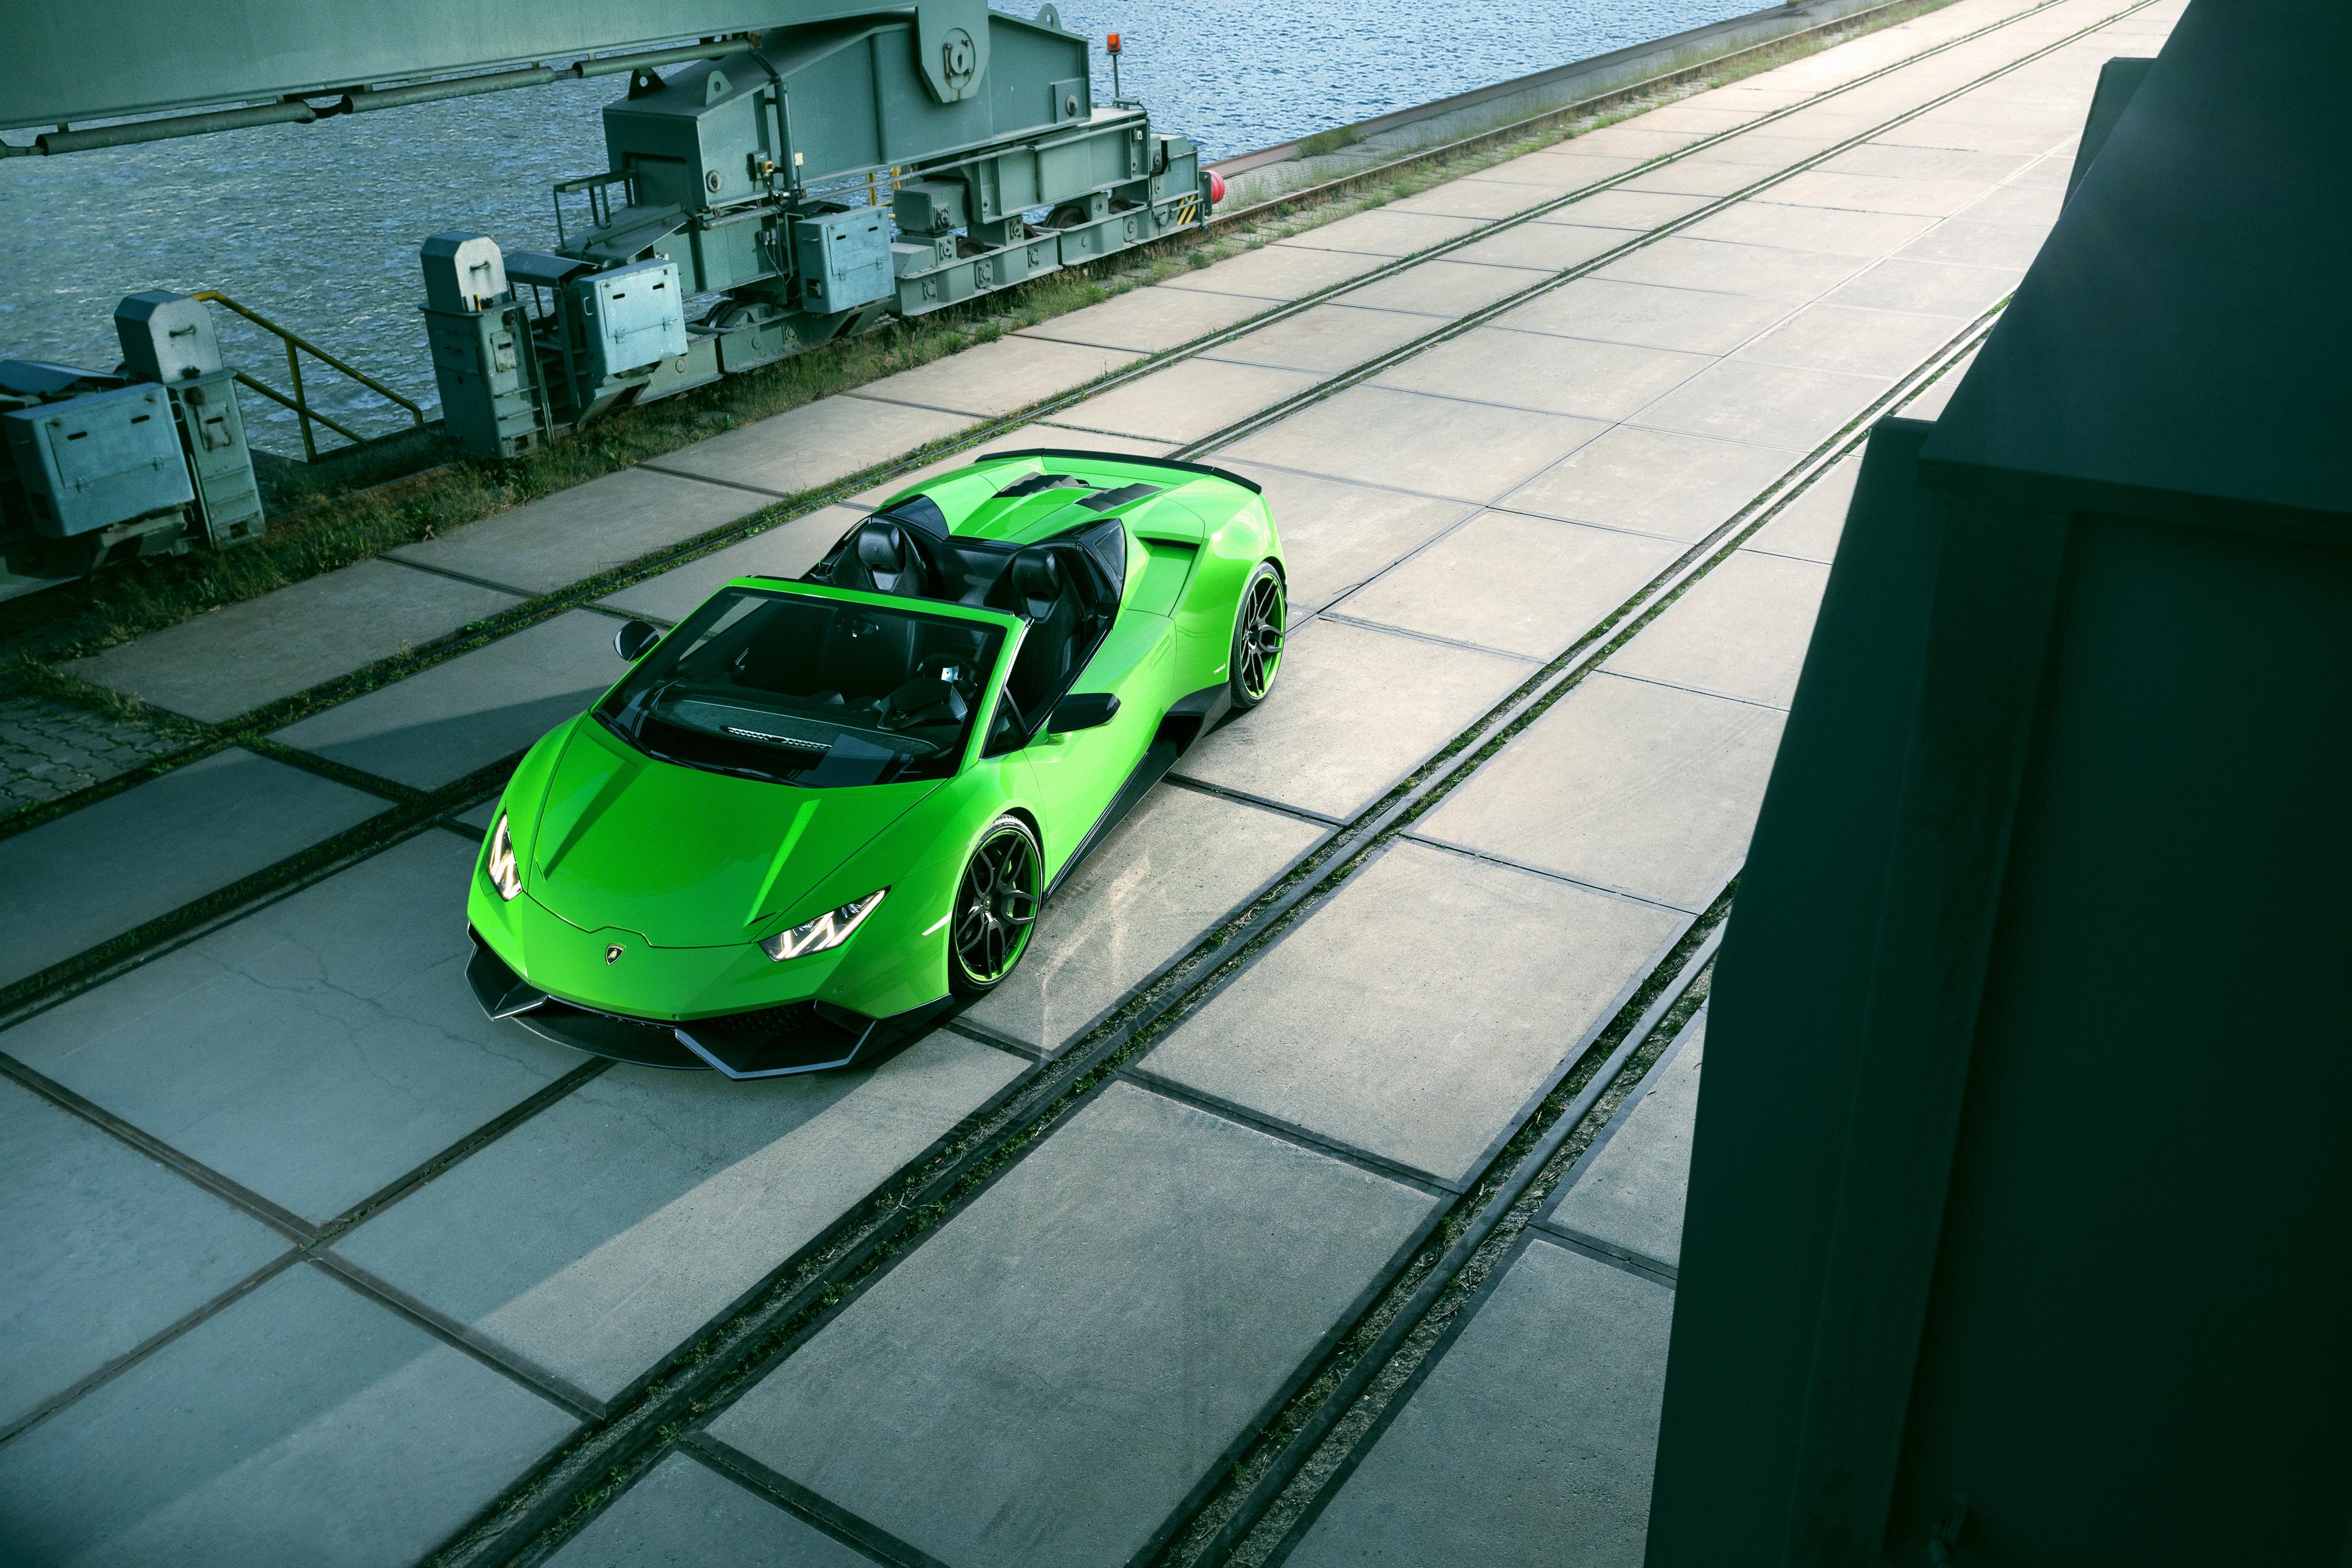 Обои для рабочего стола Lamborghini 2016 Novitec Torado Huracán LP 610-4 Spyder Родстер Салатовый Автомобили 4096x2731 Ламборгини салатовая салатовые желто зеленый авто машина машины автомобиль